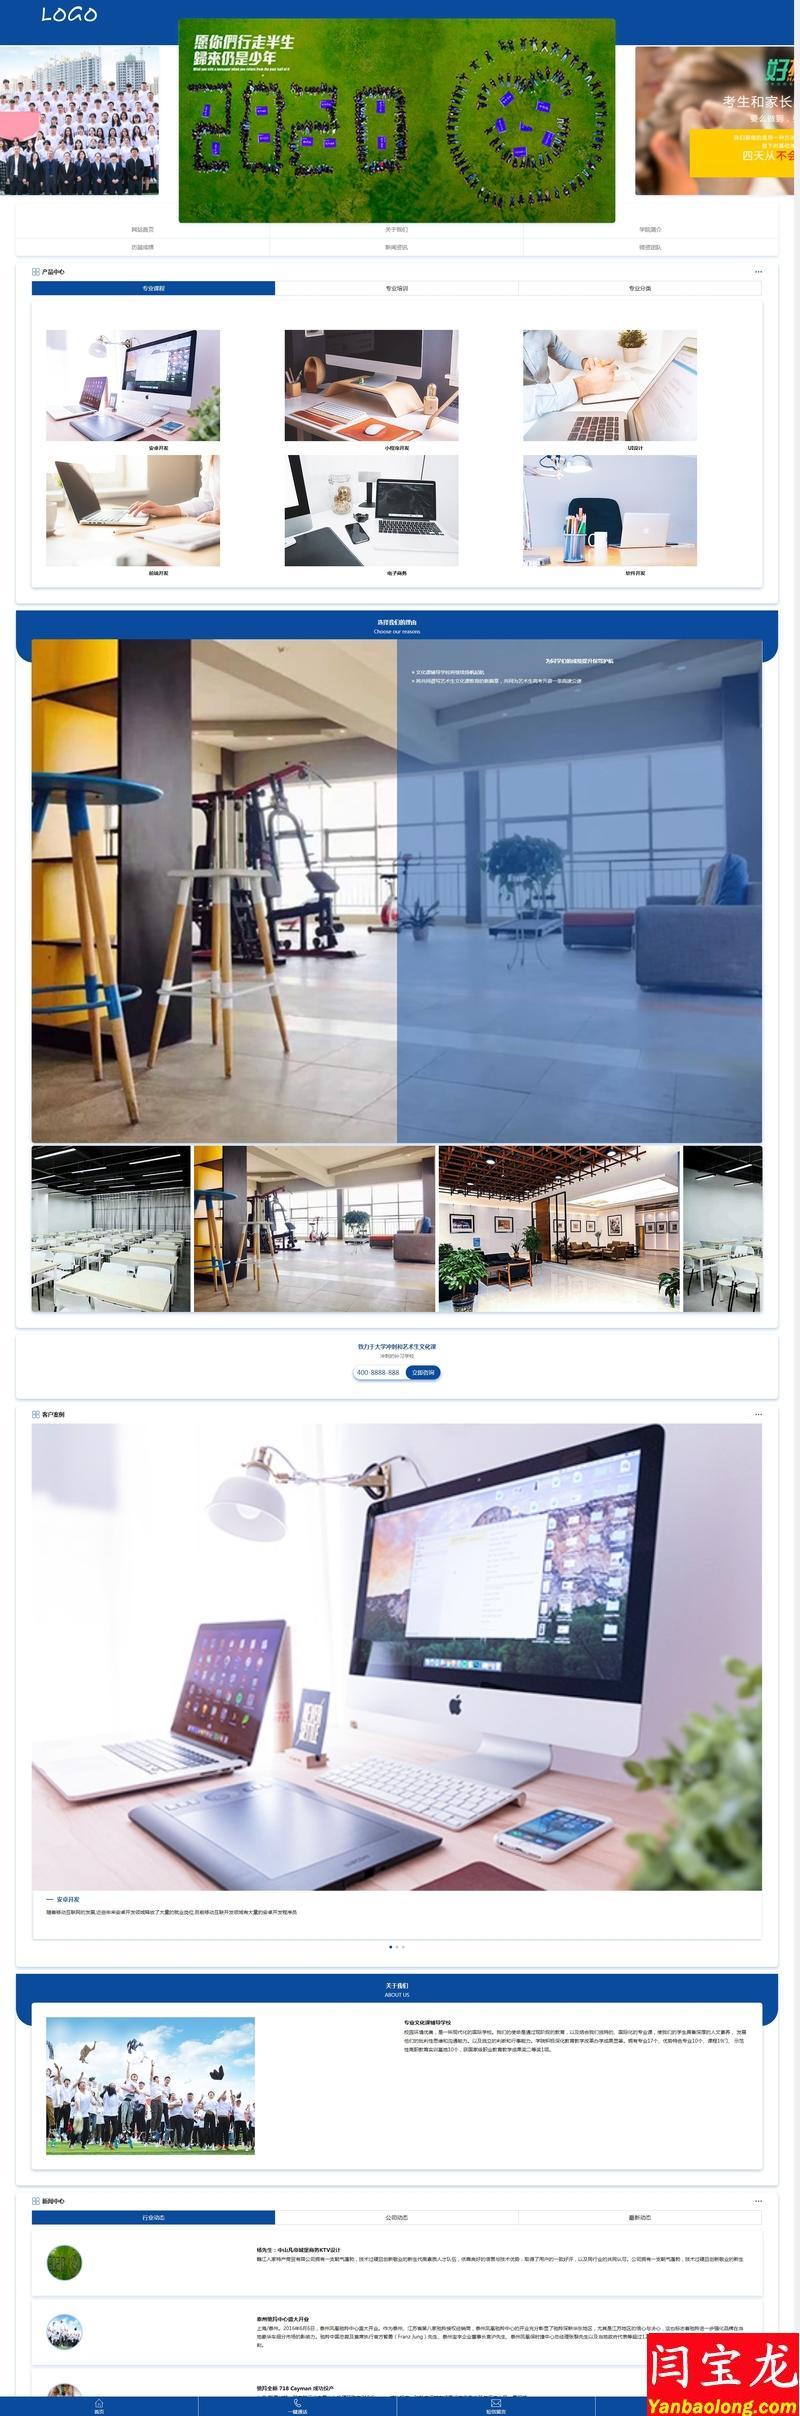 2020年10月30日富海360上线的新seo网站样式